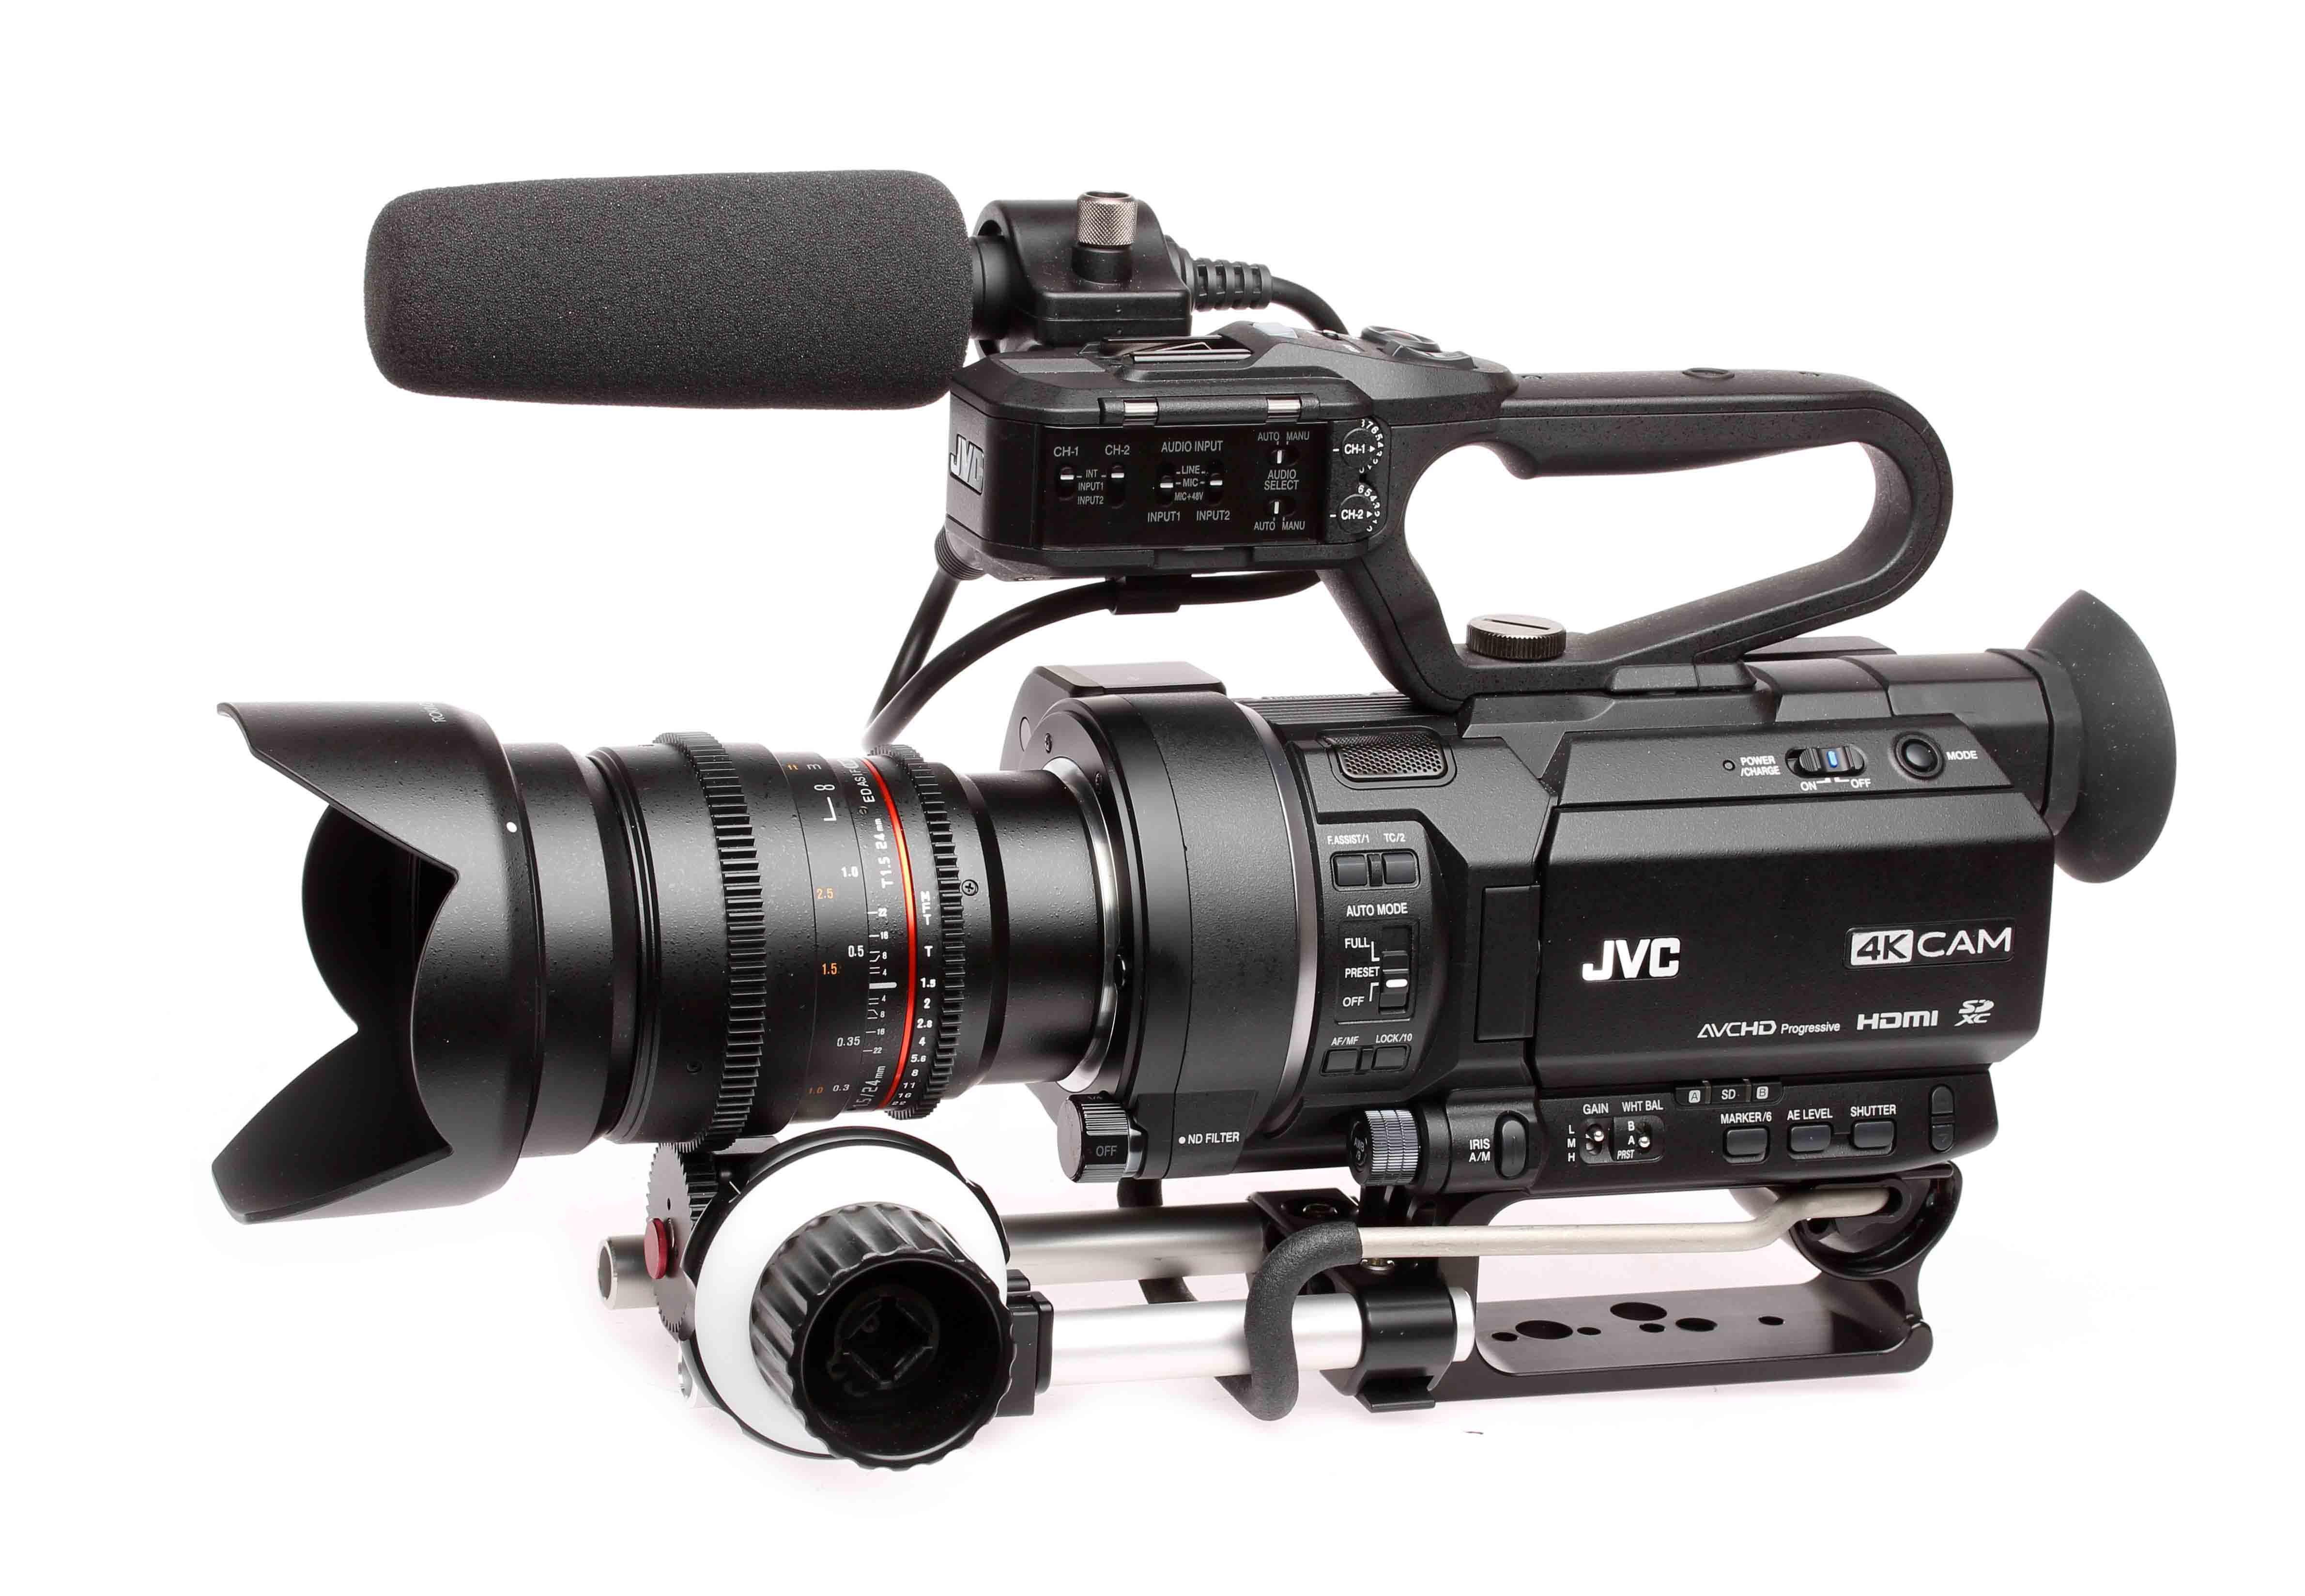 Actualización de firmware para las cámaras JVC GY-LS300, GY-HM200 y GY-HM170